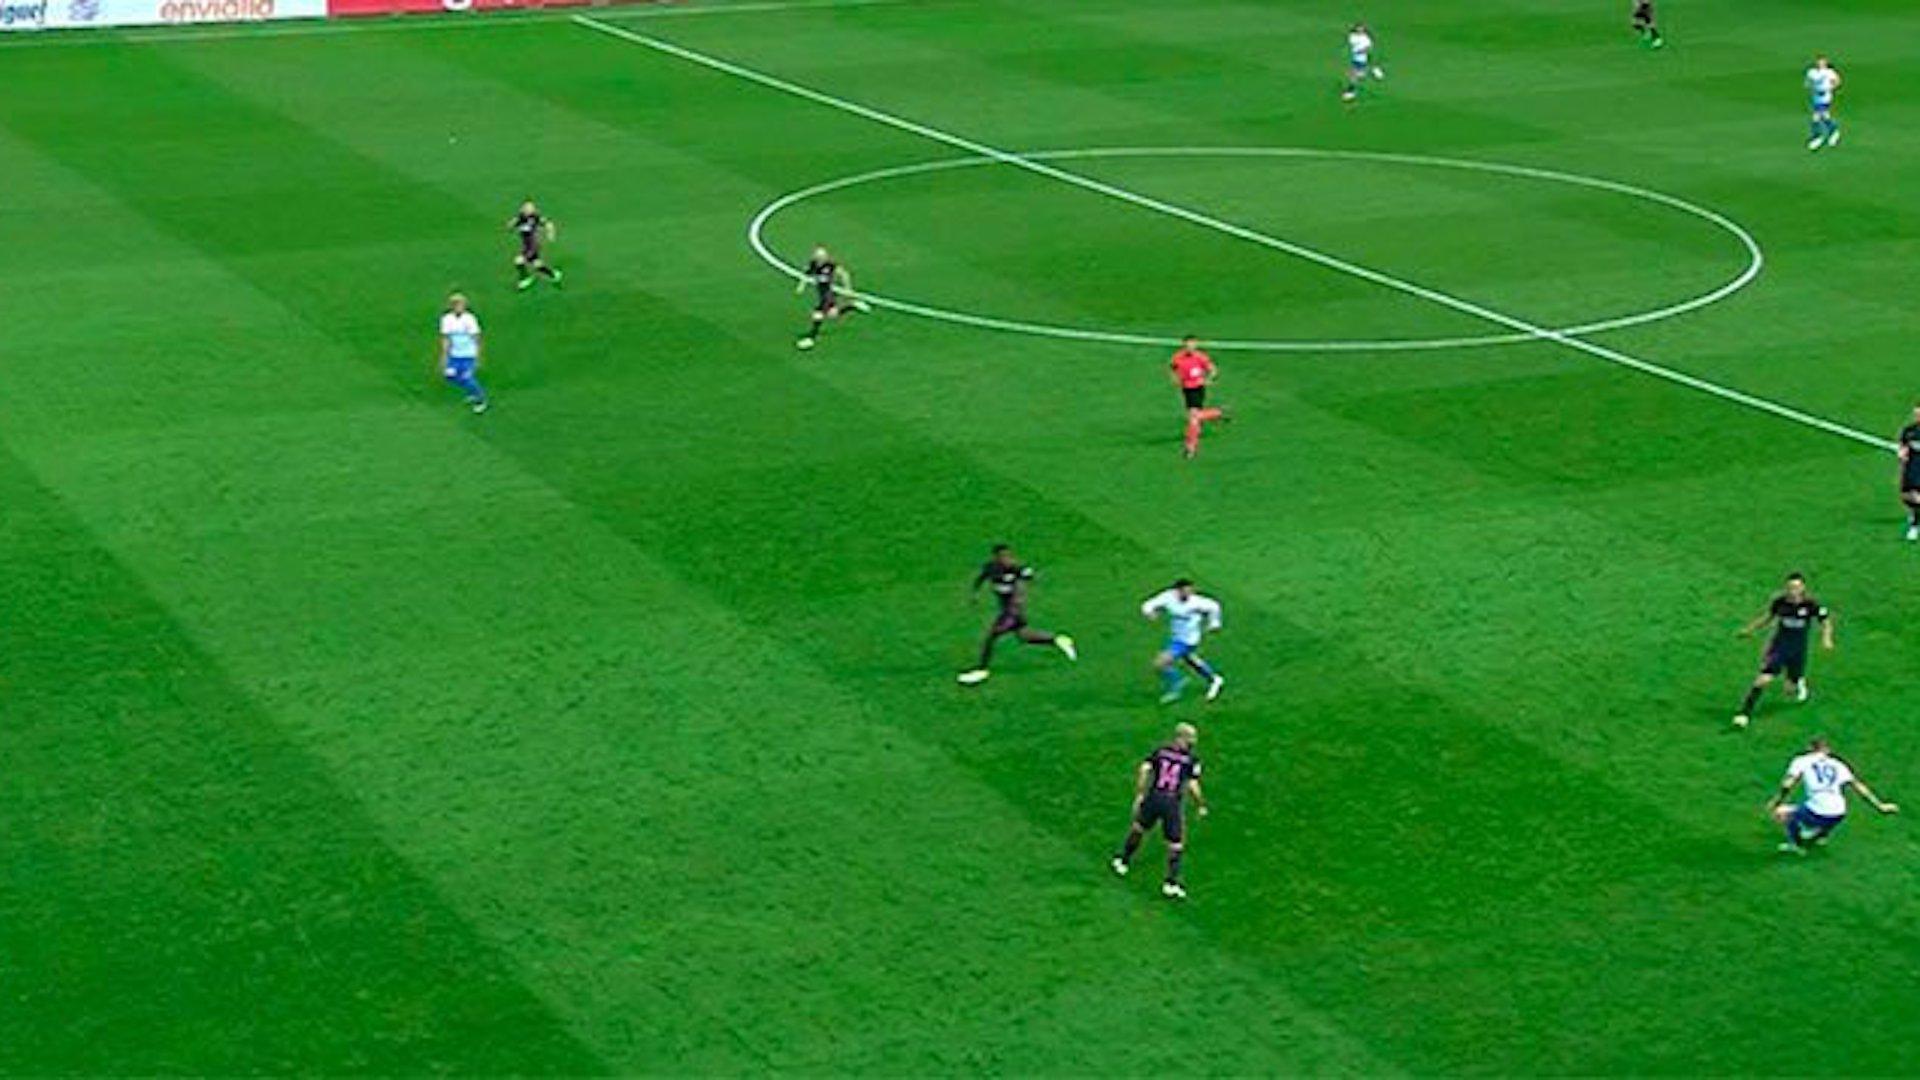 Se equiovocó el árbitro al anular el segundo gol del Málaga